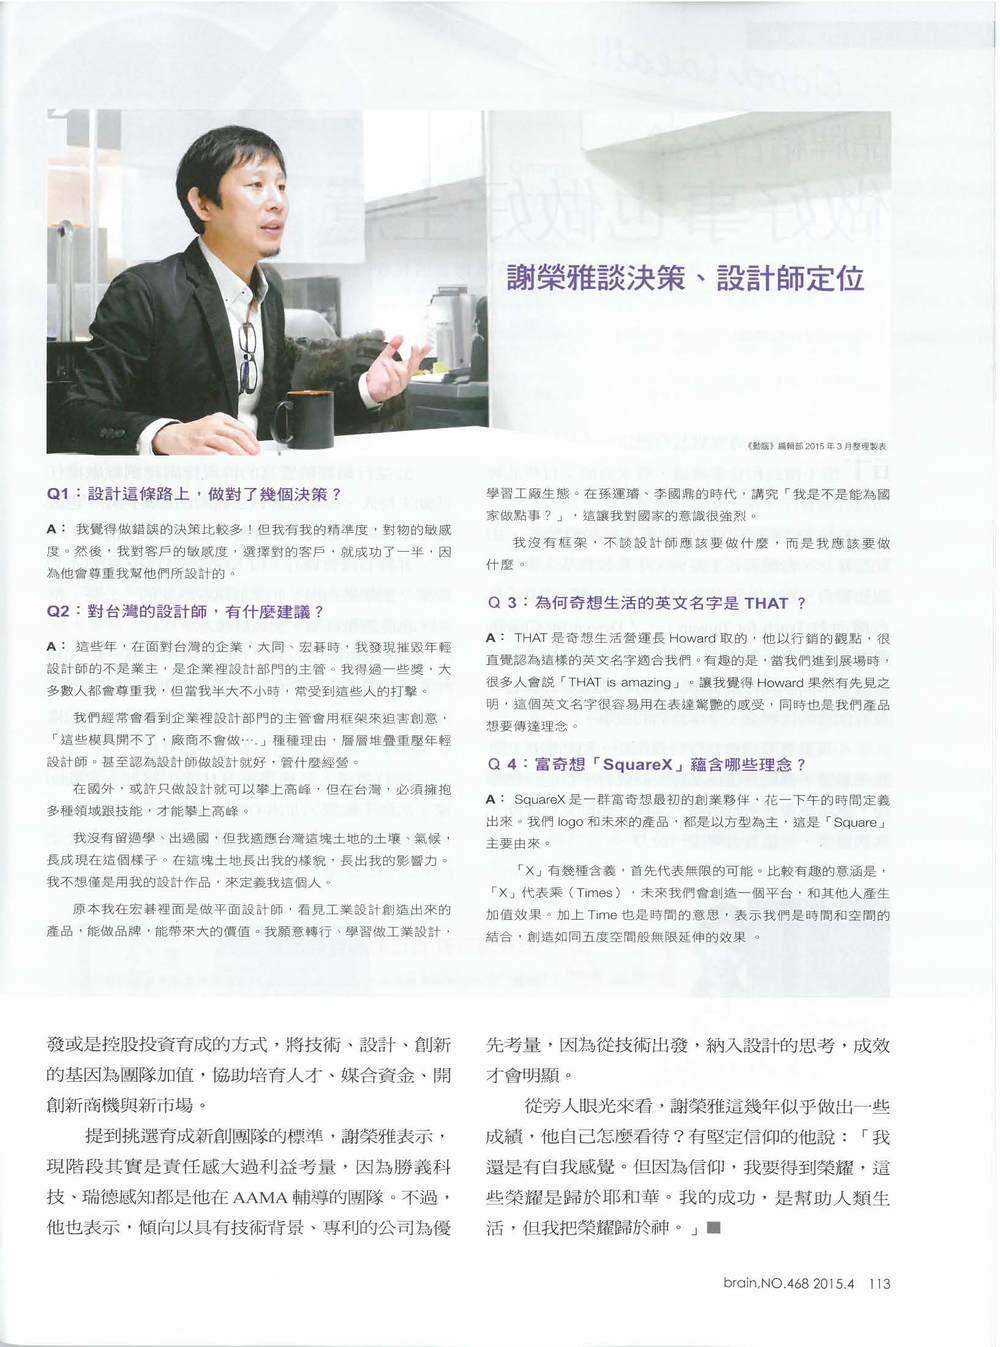 奇想創造 邁向設計5.0_動腦雜誌_2015.04月-6.jpg